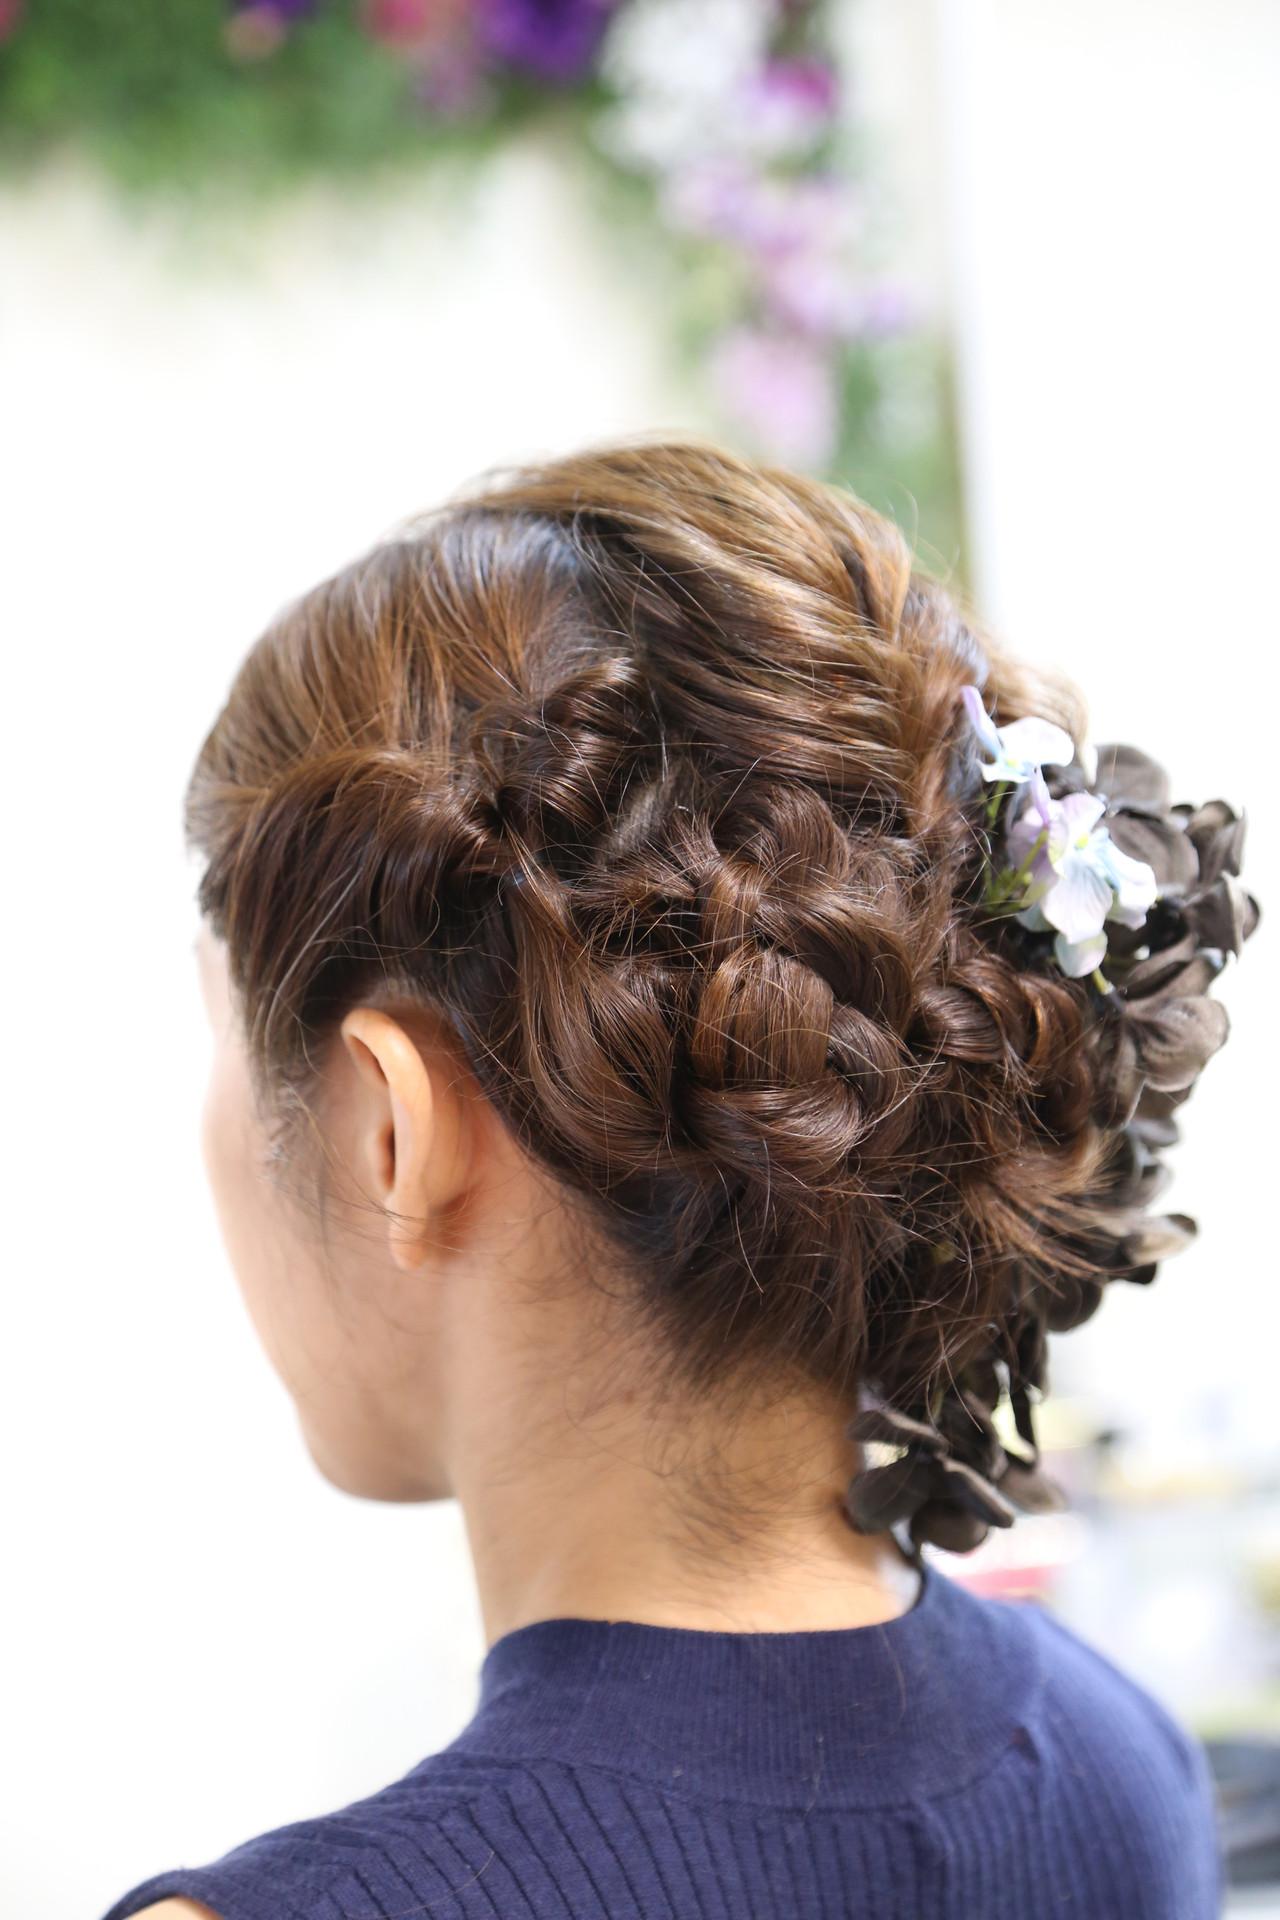 ロング エレガント 出張 結婚式 ヘアスタイルや髪型の写真・画像 | 渡部 ゆうこ / 「美forest」プライベート美容室×浅草着物レンタル